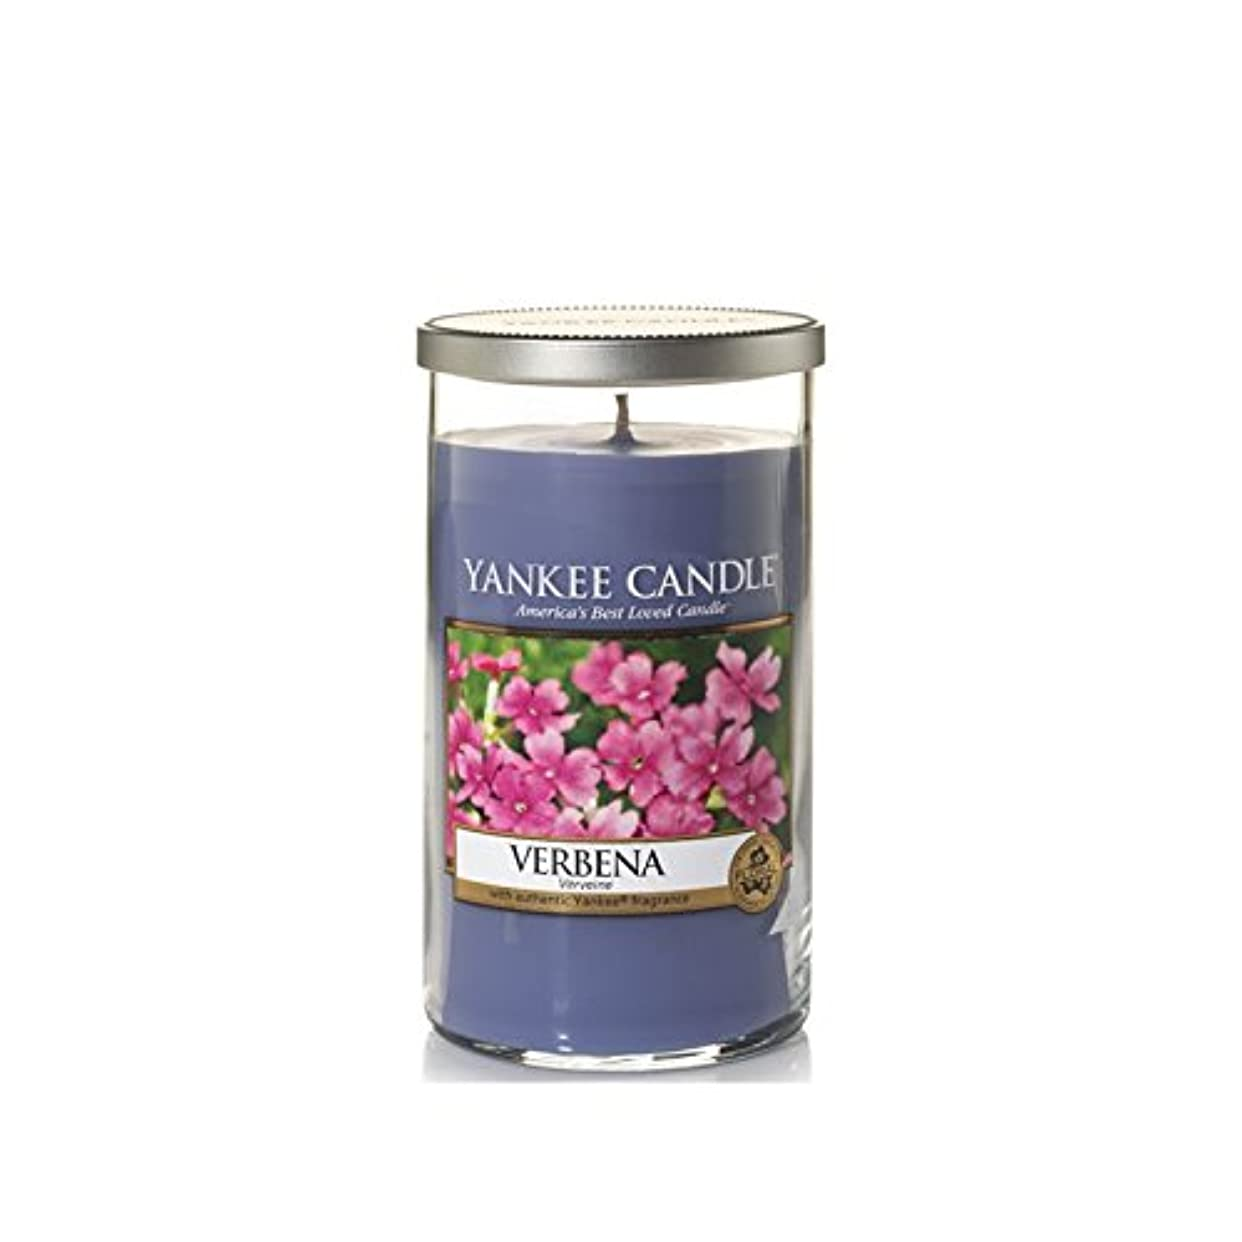 戦う励起のためヤンキーキャンドルメディアピラーキャンドル - バーベナ - Yankee Candles Medium Pillar Candle - Verbena (Yankee Candles) [並行輸入品]